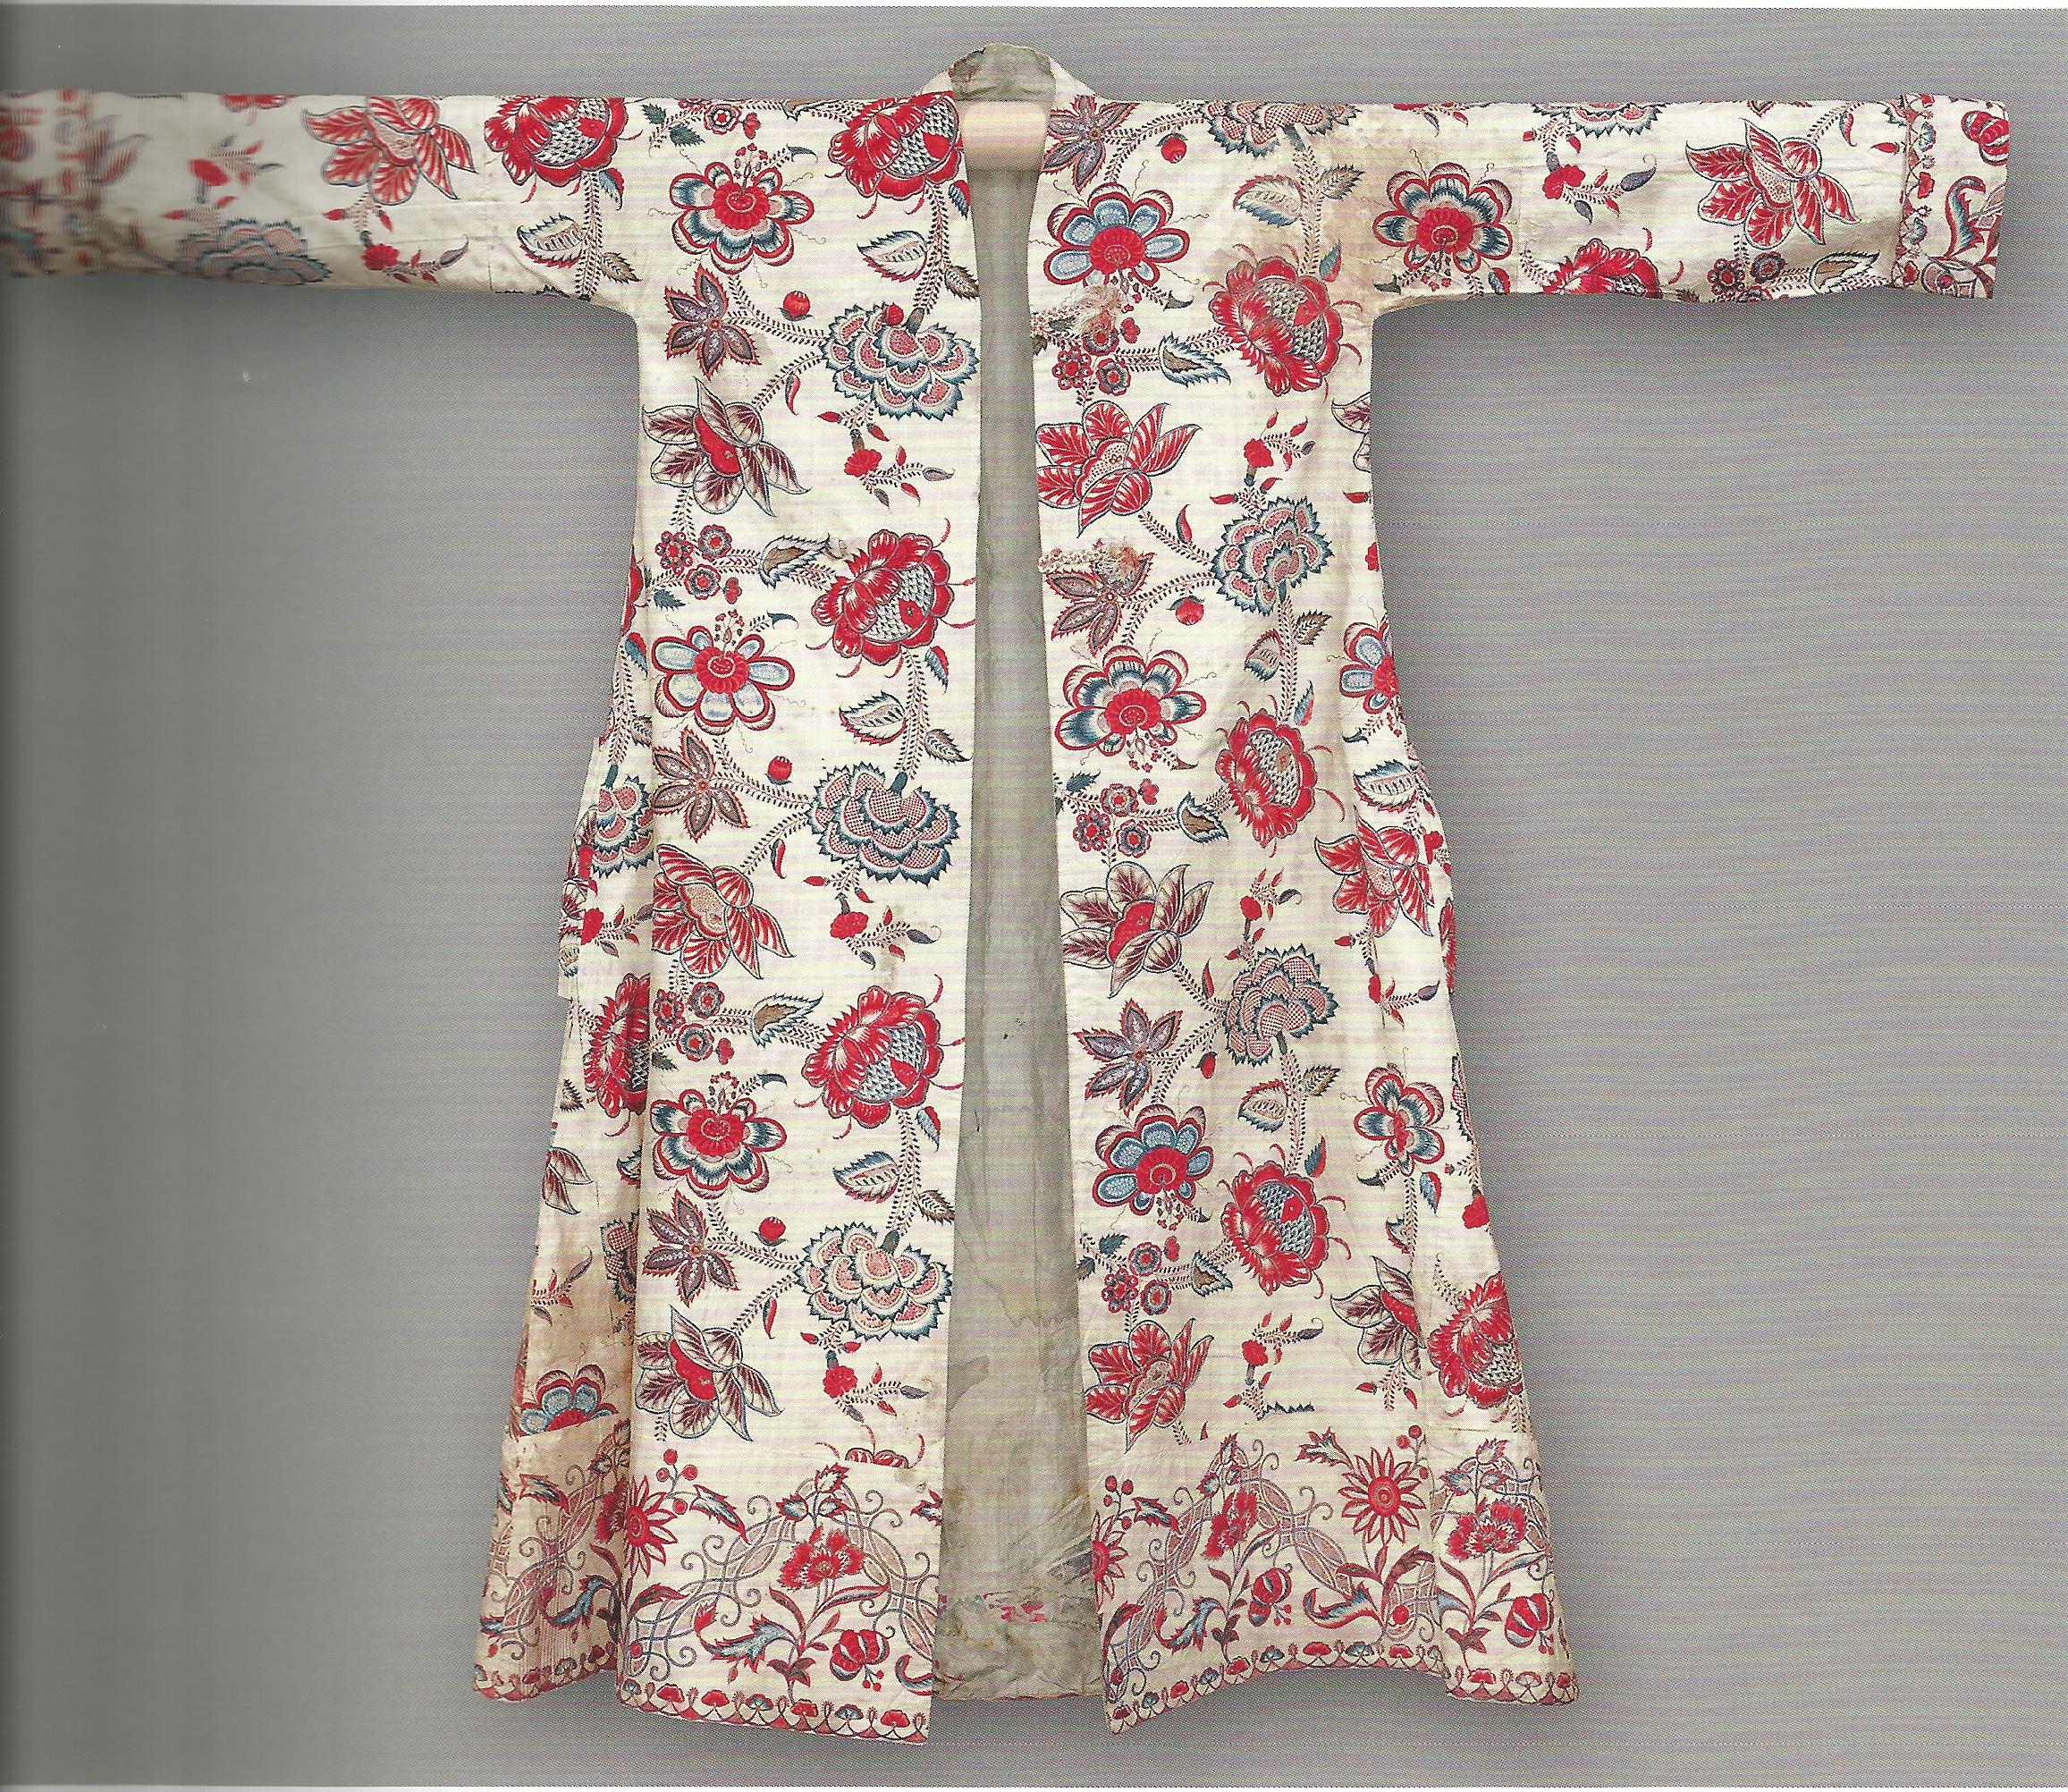 Herren robe de chambre/banyan aus indischen Stoffen, genäht in Frankreich, ca. 18. Jahrhundert